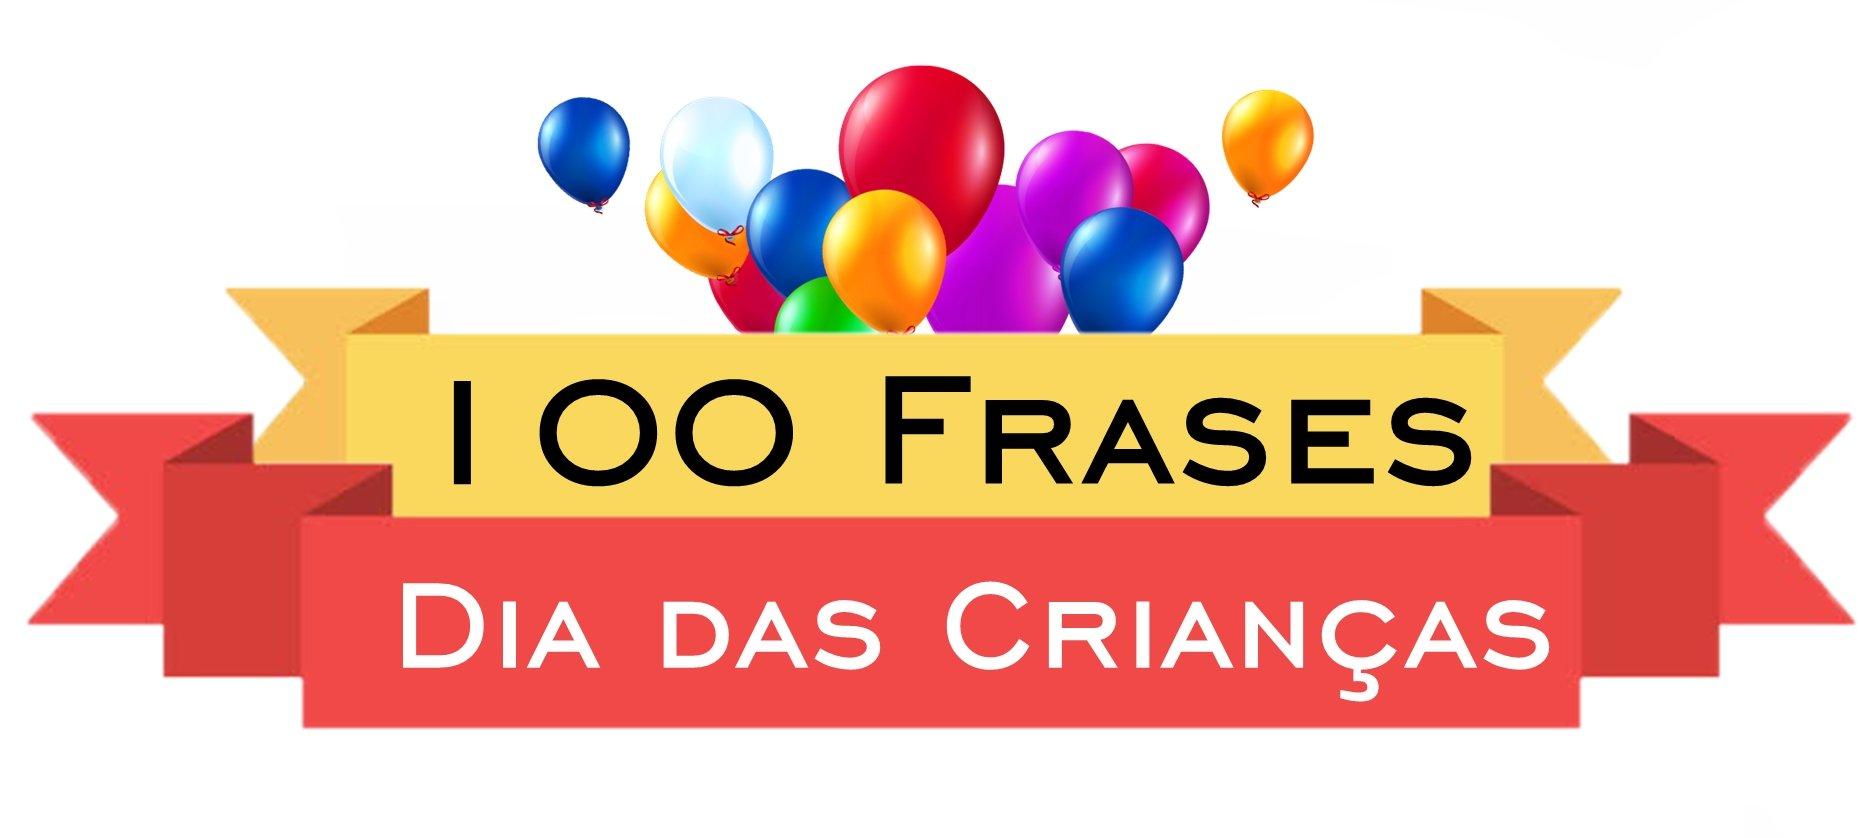 100 Frases Dia Das Crianças Para Seu Post No Facebook